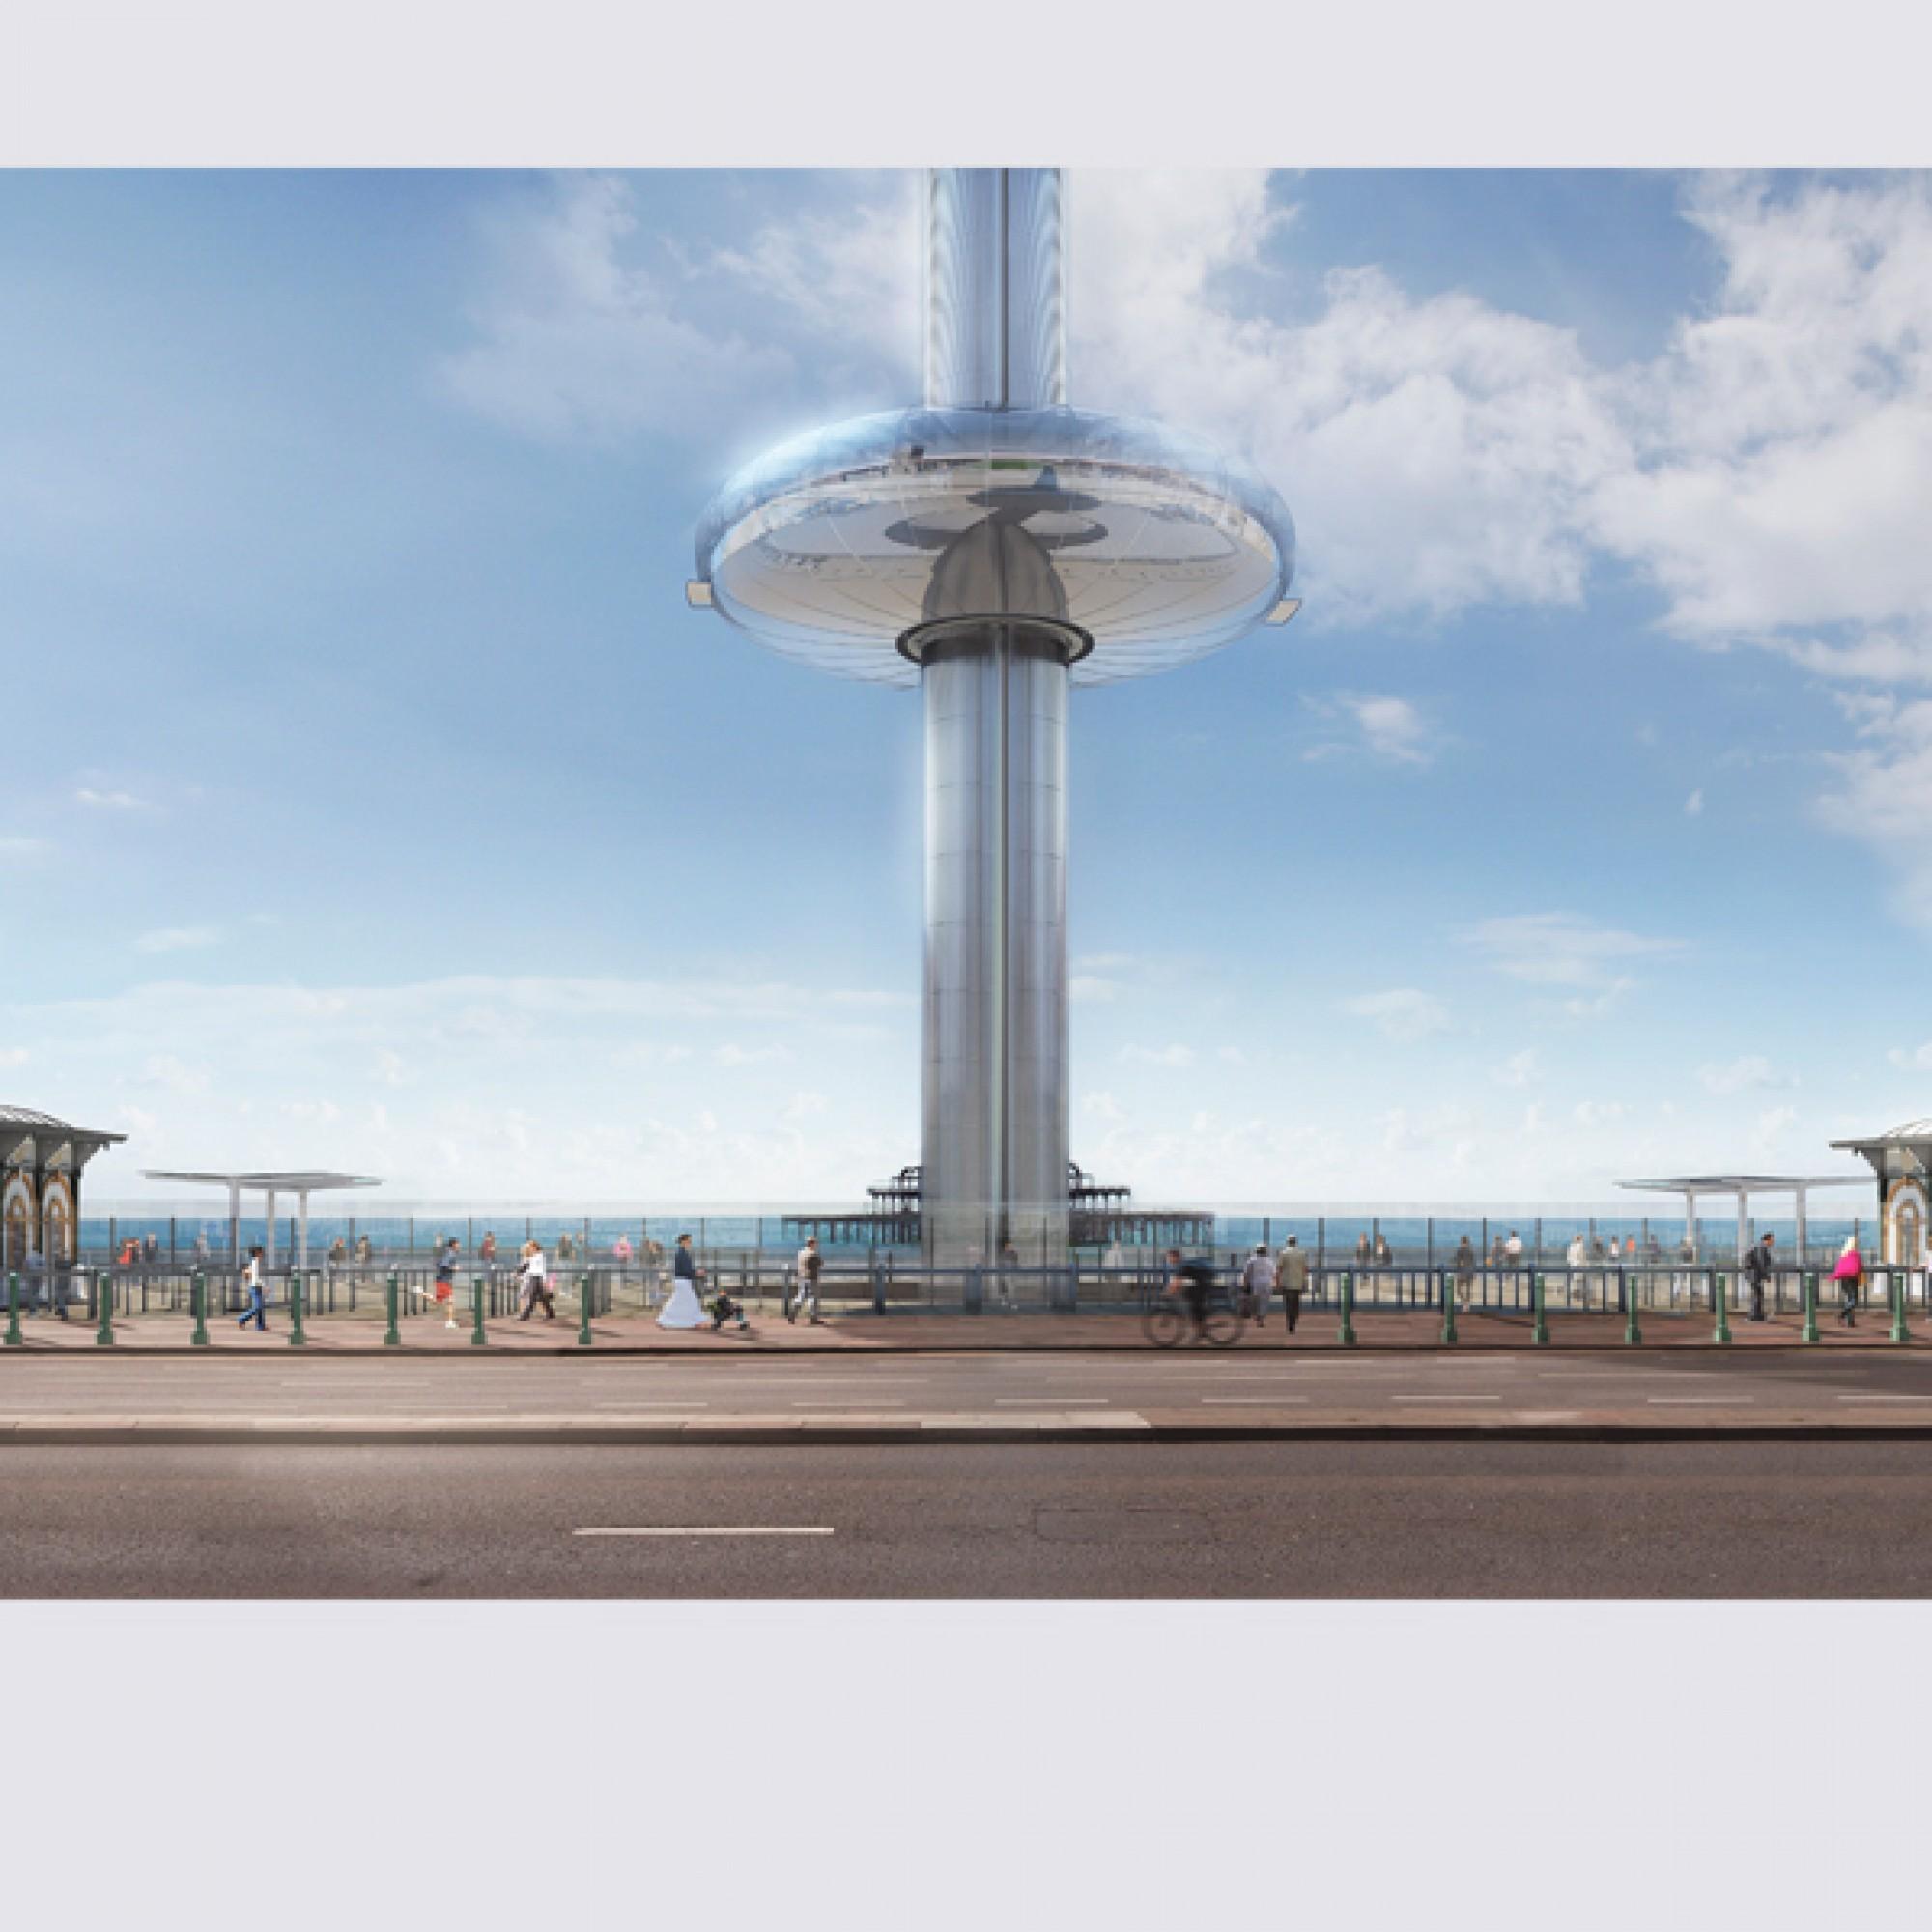 ...neuen Wahrzeichen Brightons werden. (zvg)